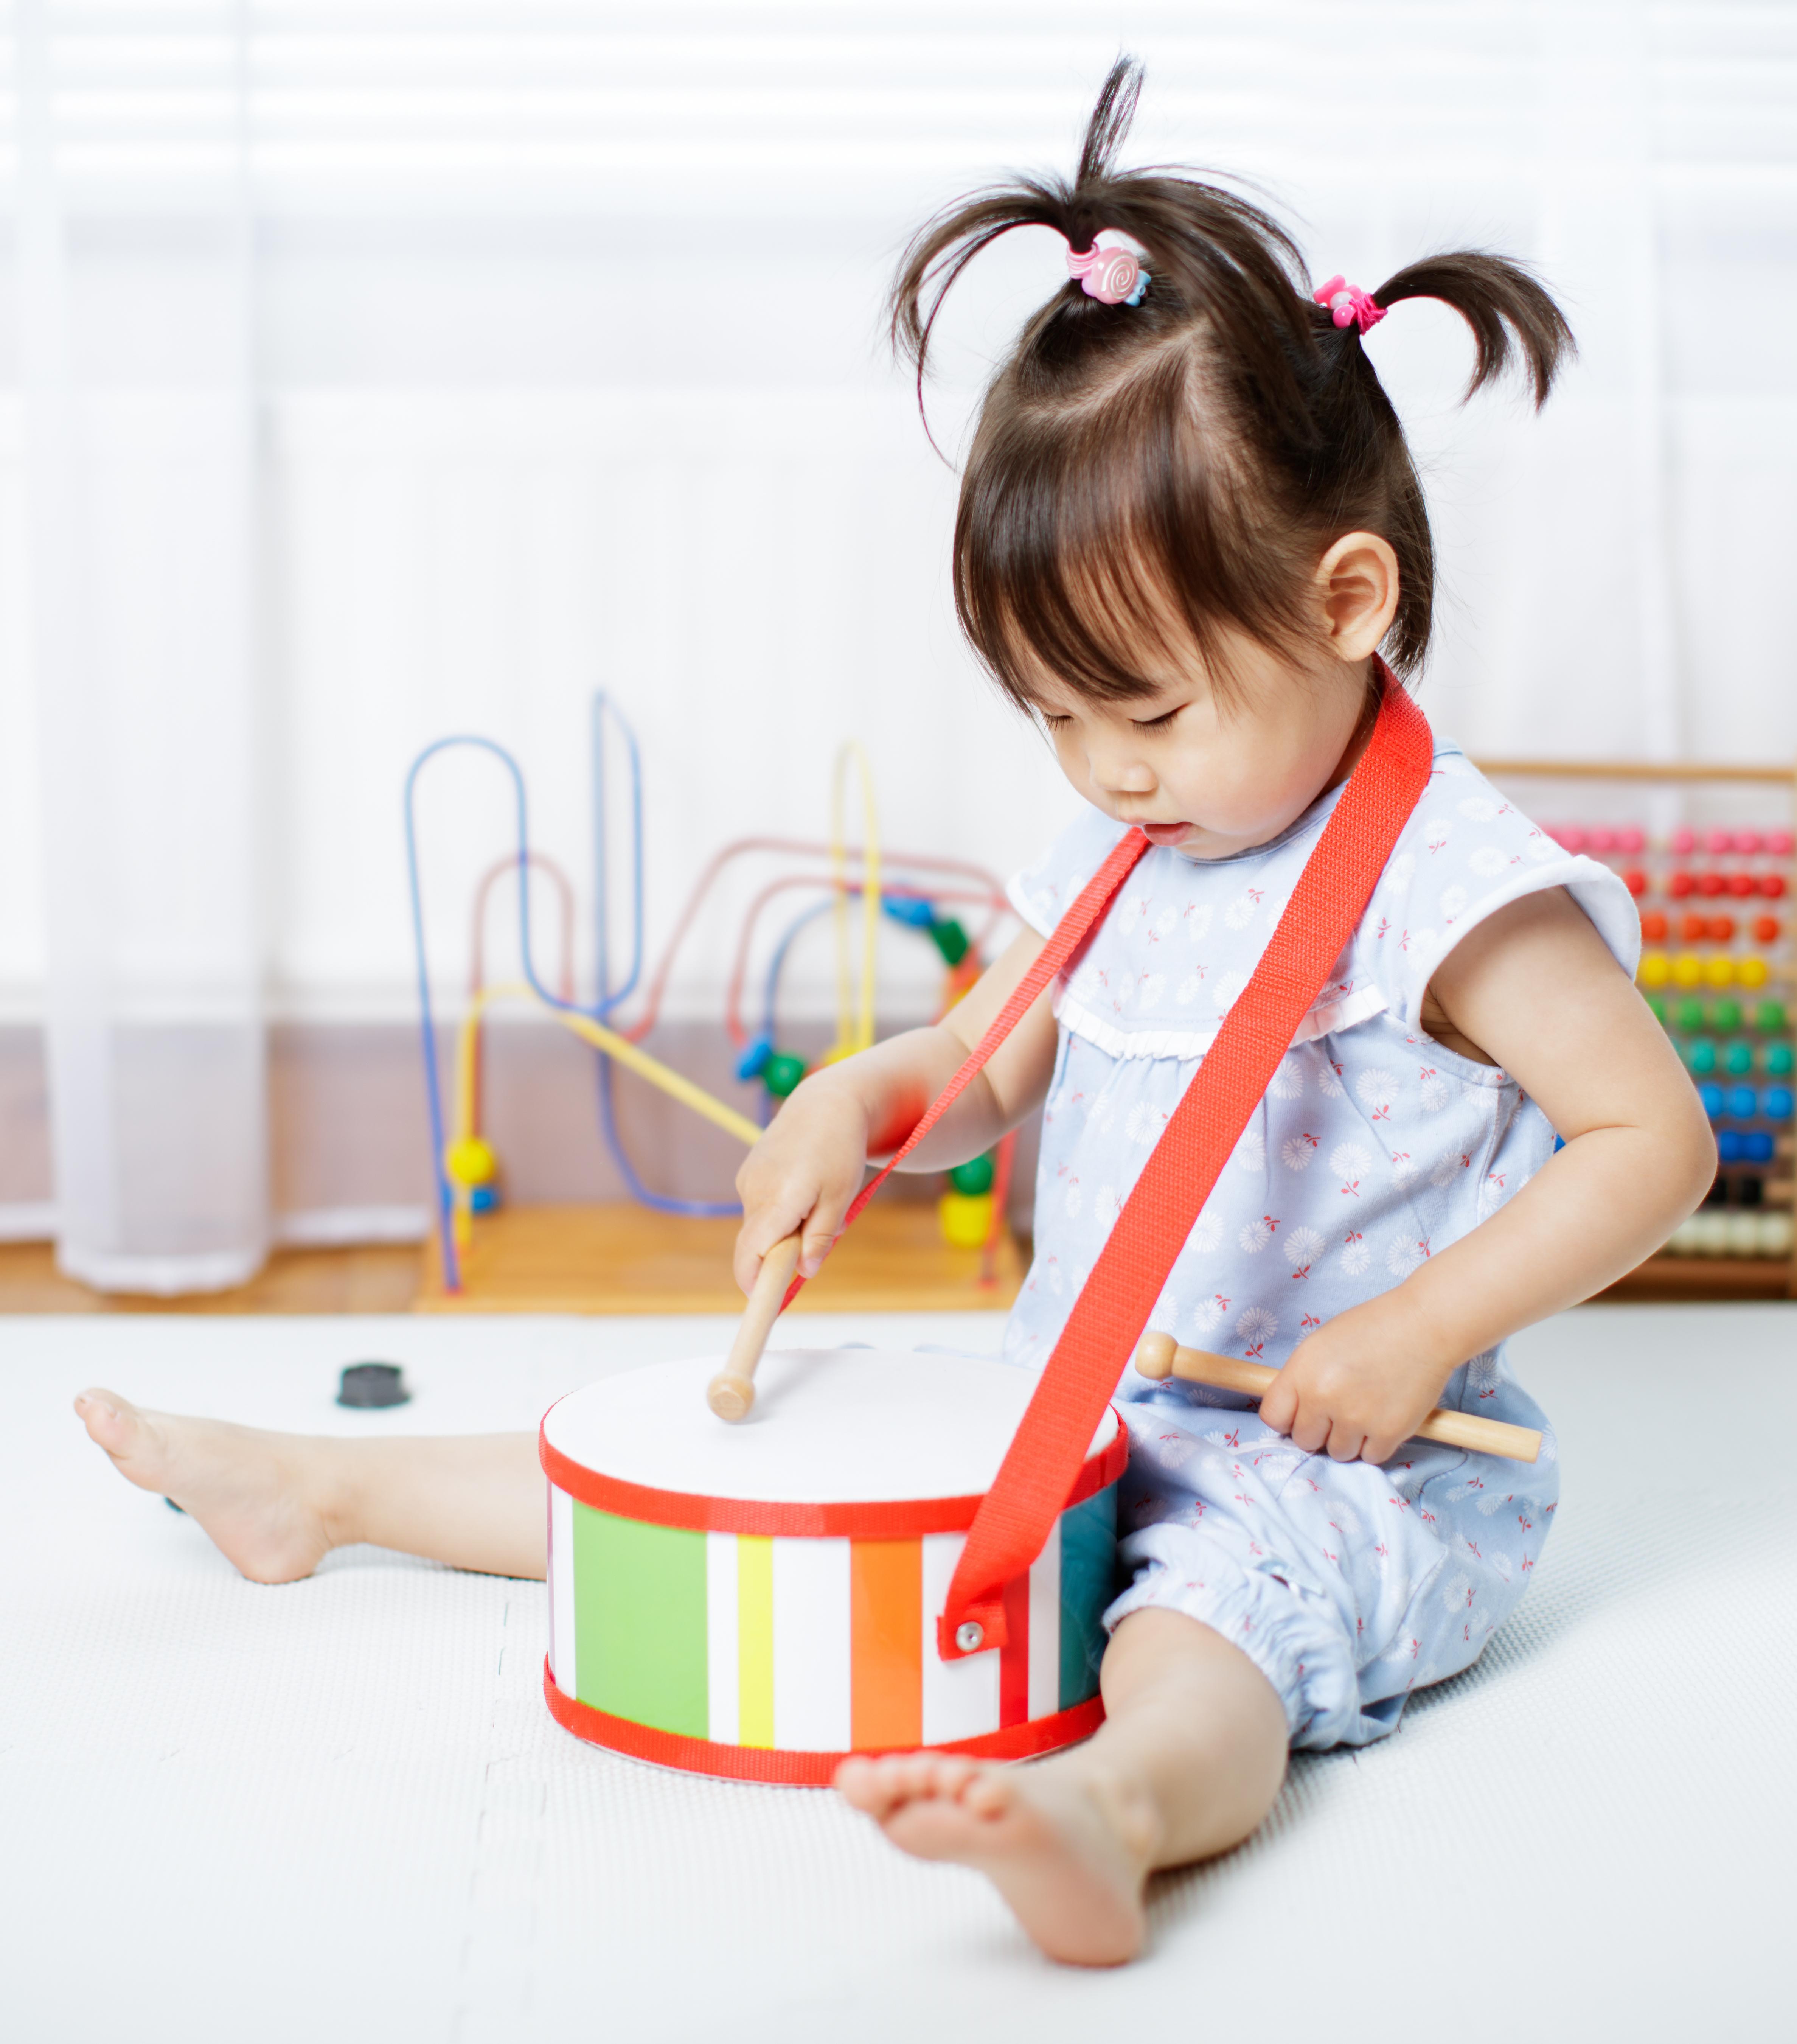 Children's musical instrument